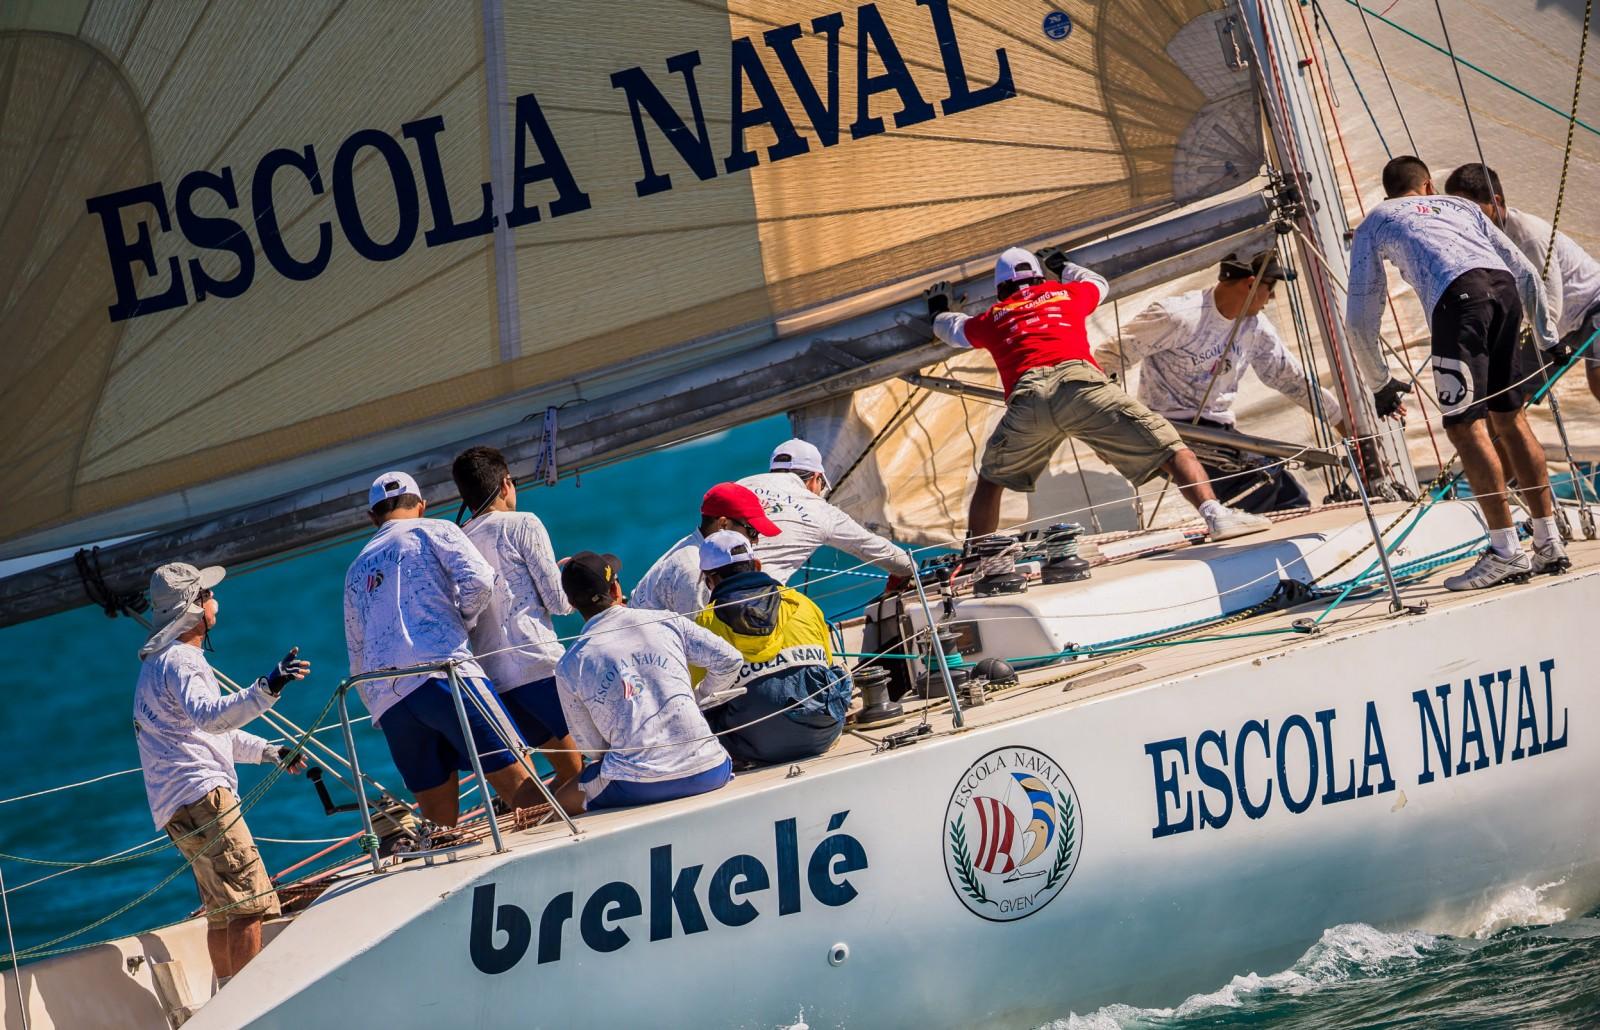 Veleiro Brekelé, da Marinha - Marcos Mendez/sailstation.com